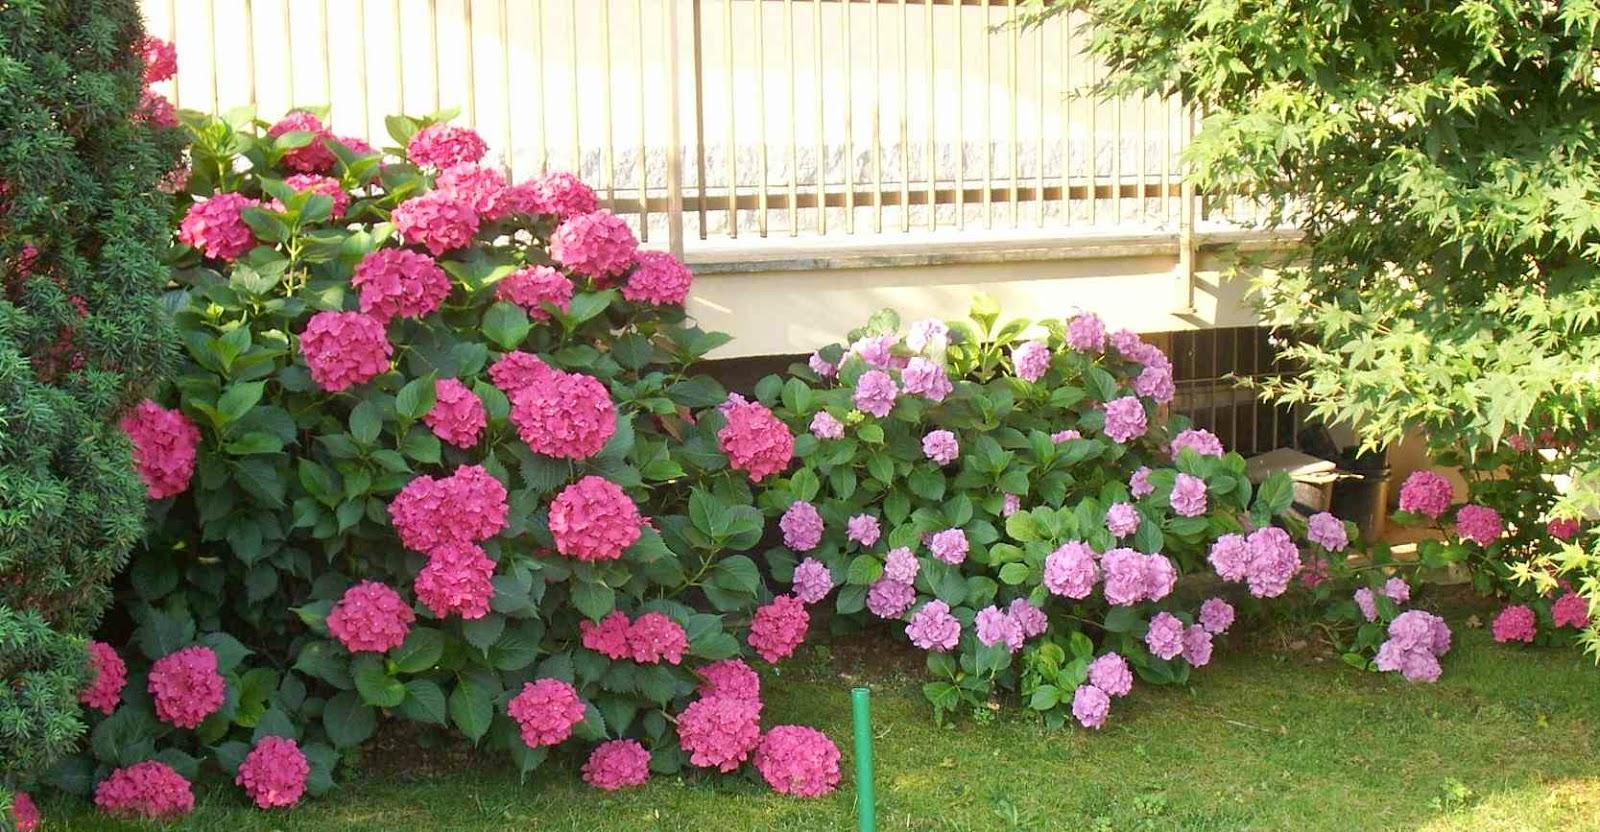 Come Far Fiorire Le Ortensie giardinaggio laura ponte in valtellina: ortensia